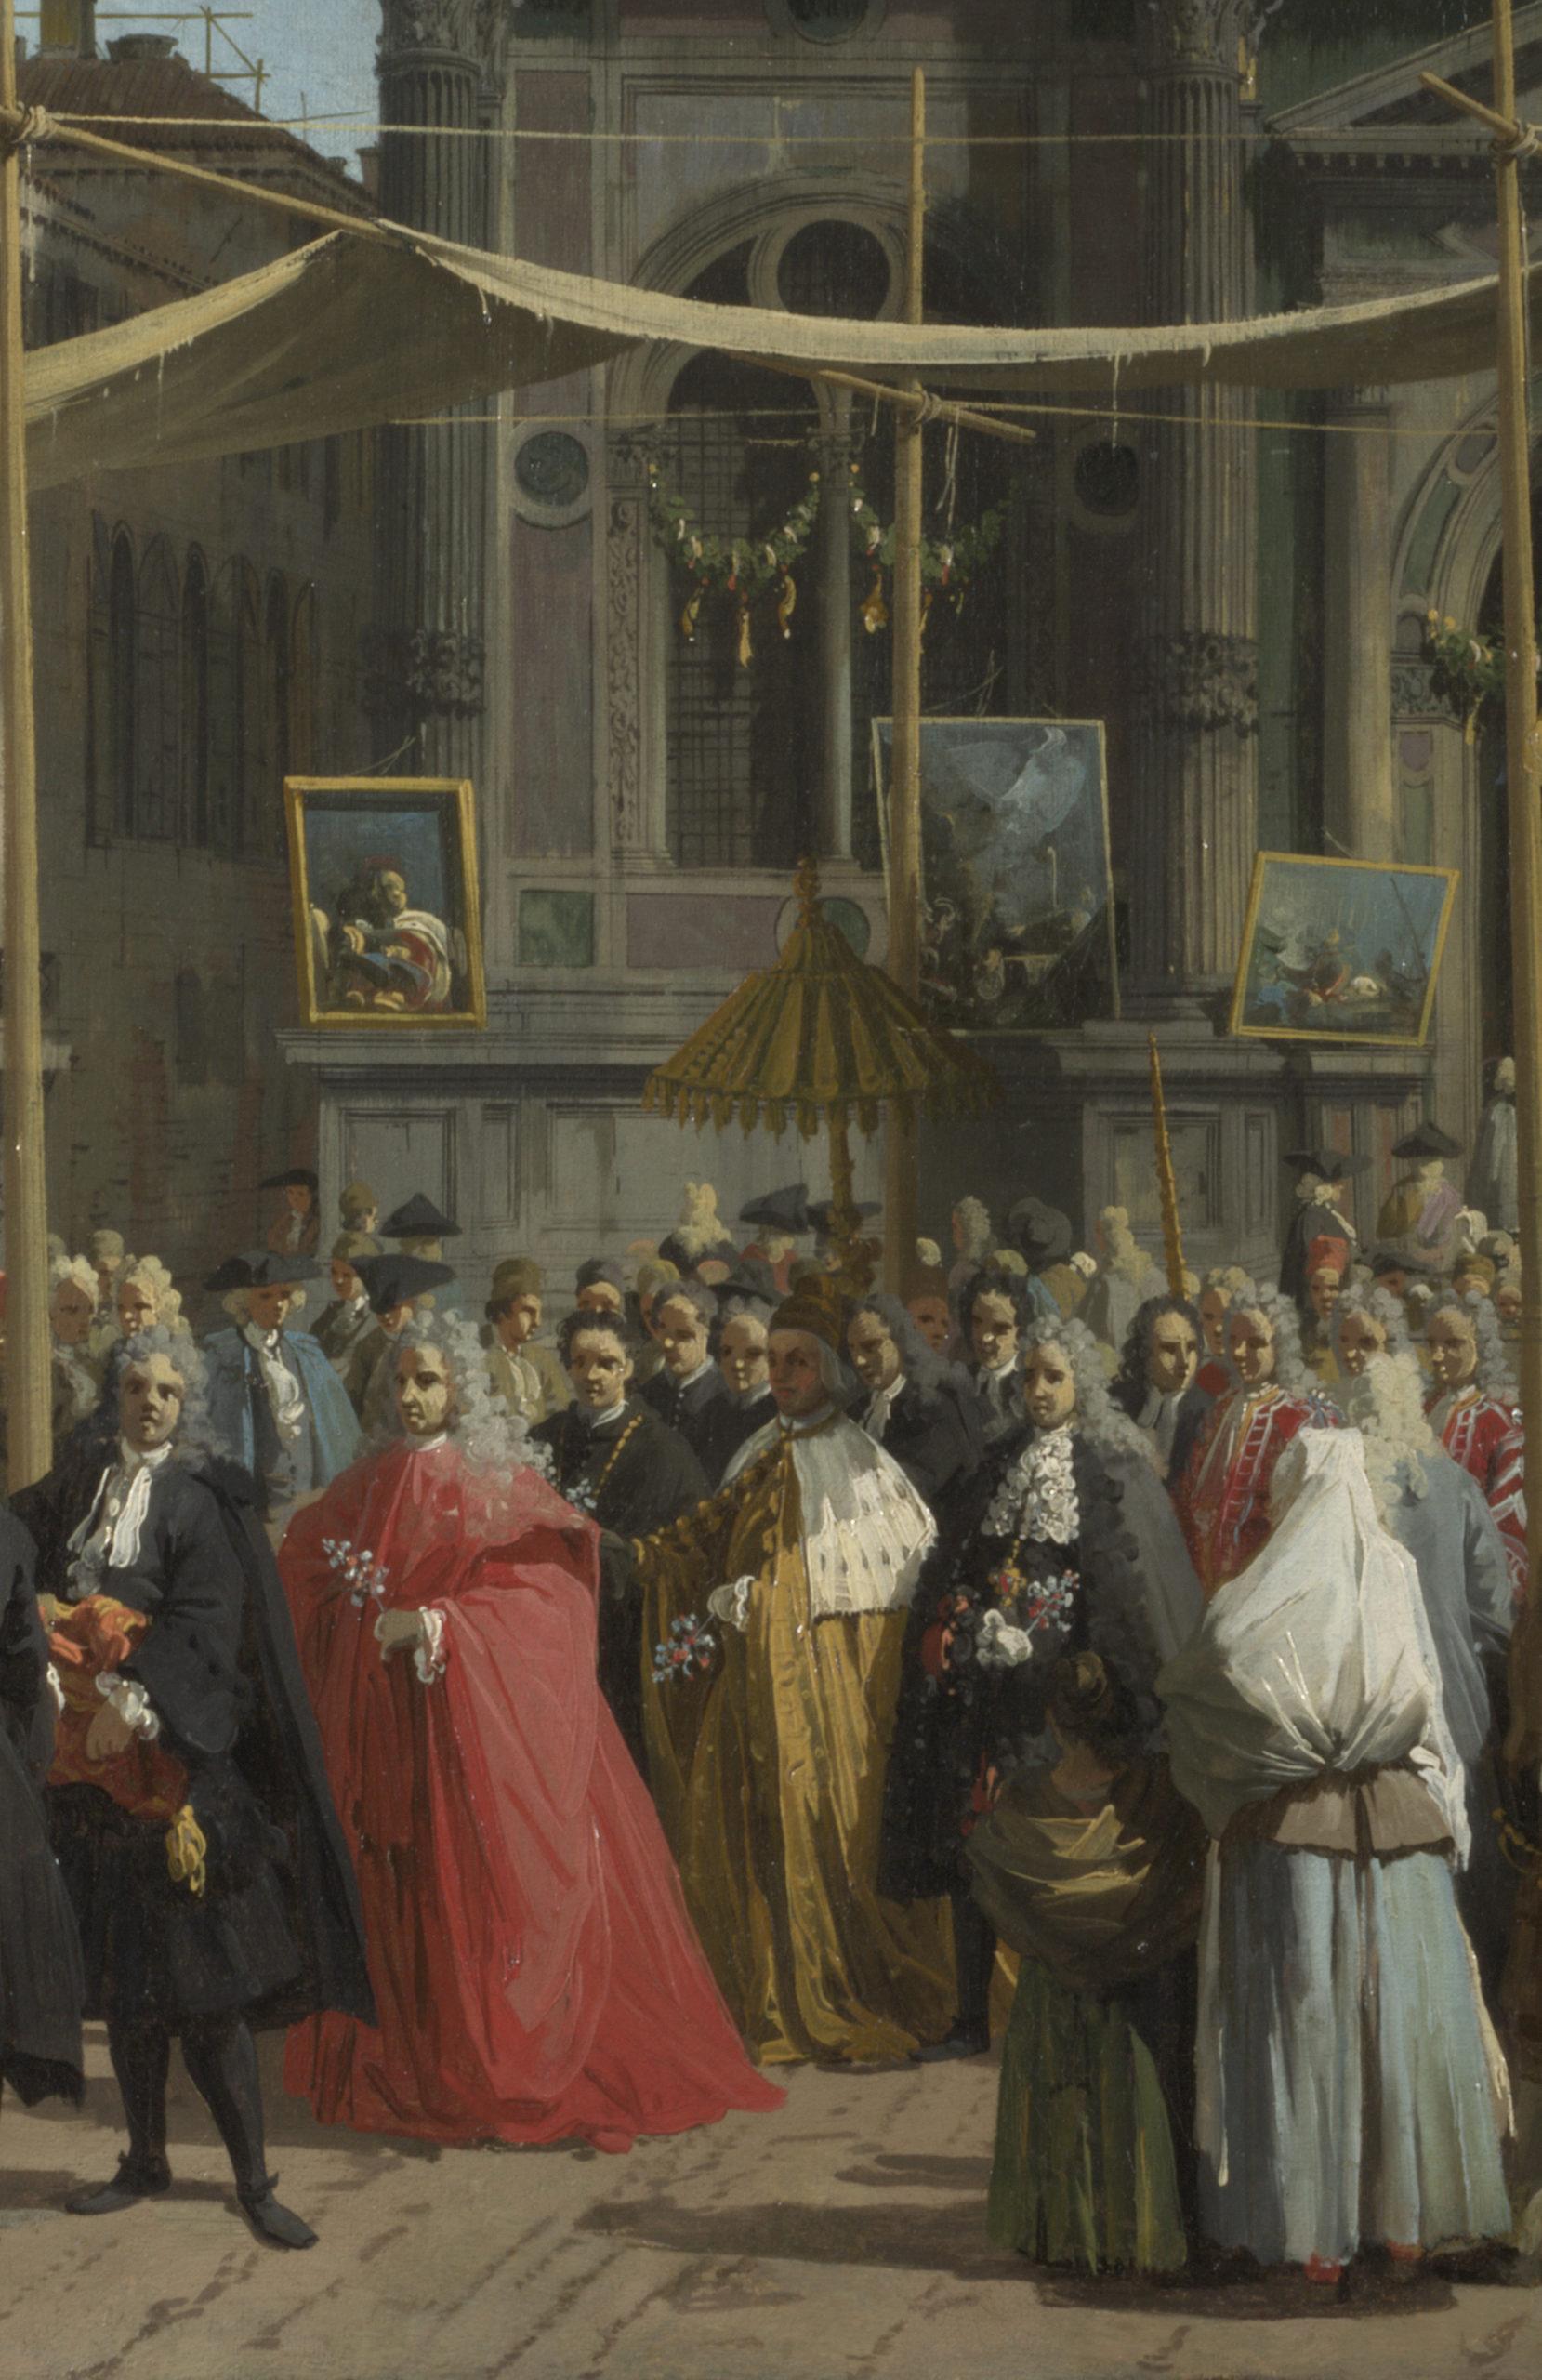 Canaletto, Visita del Doge alla Scuola di San Rocco (dettaglio) - 1735, London National Gallery.